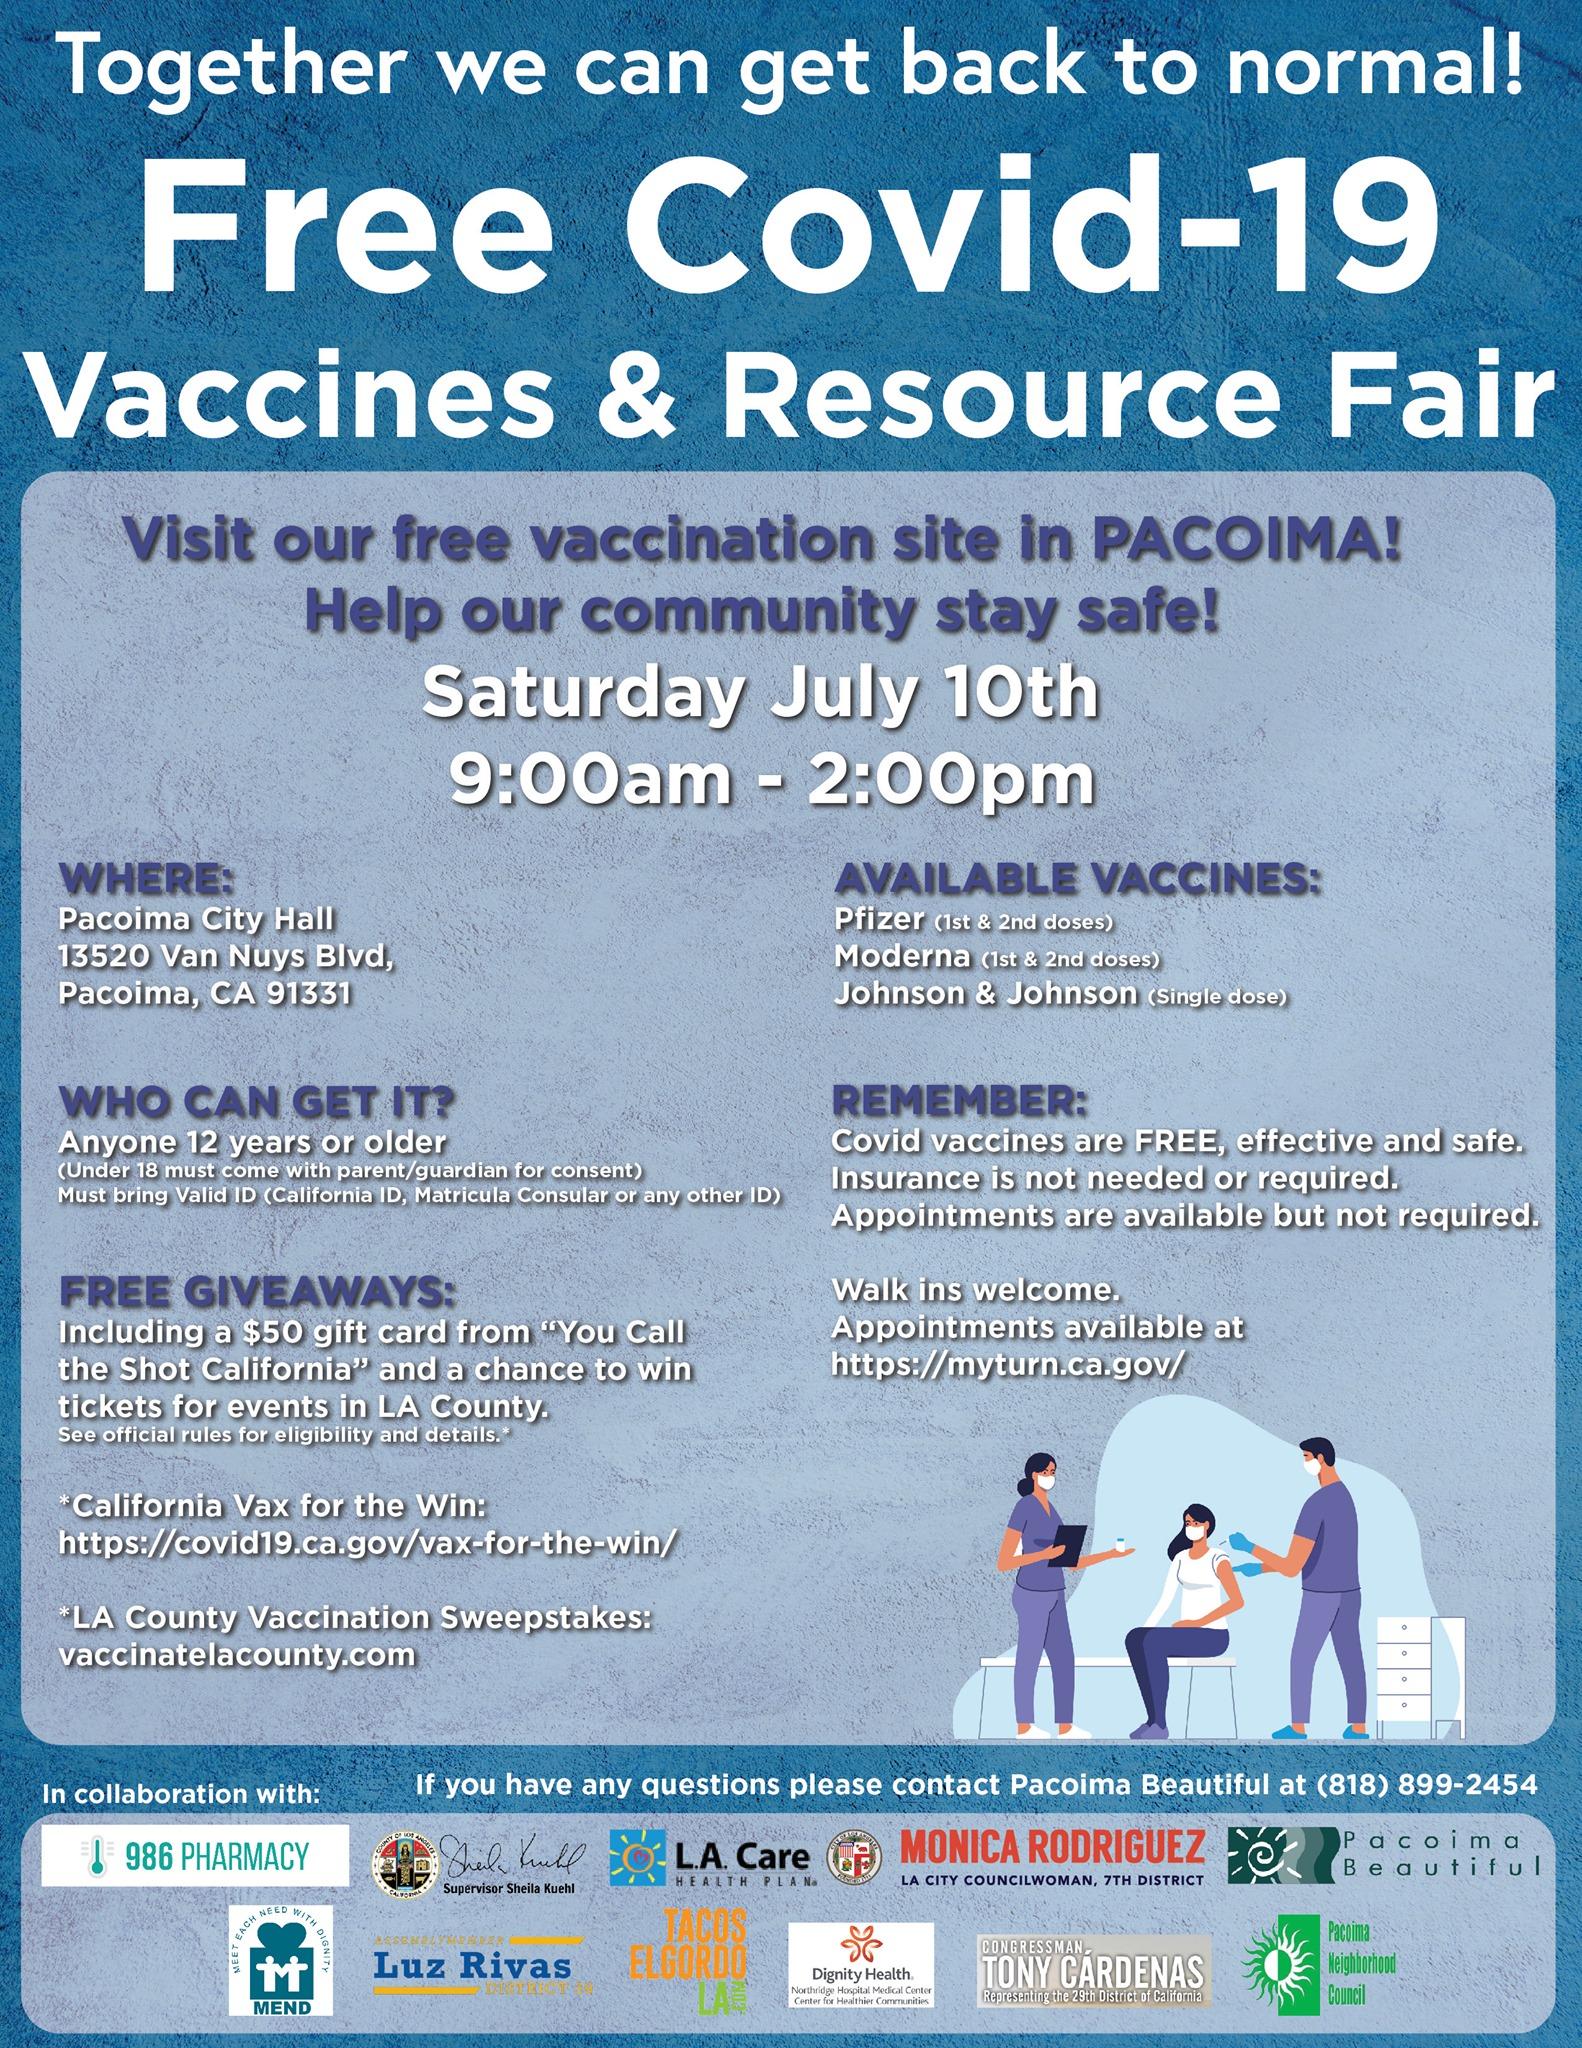 FREE COVID-19 Vaccine